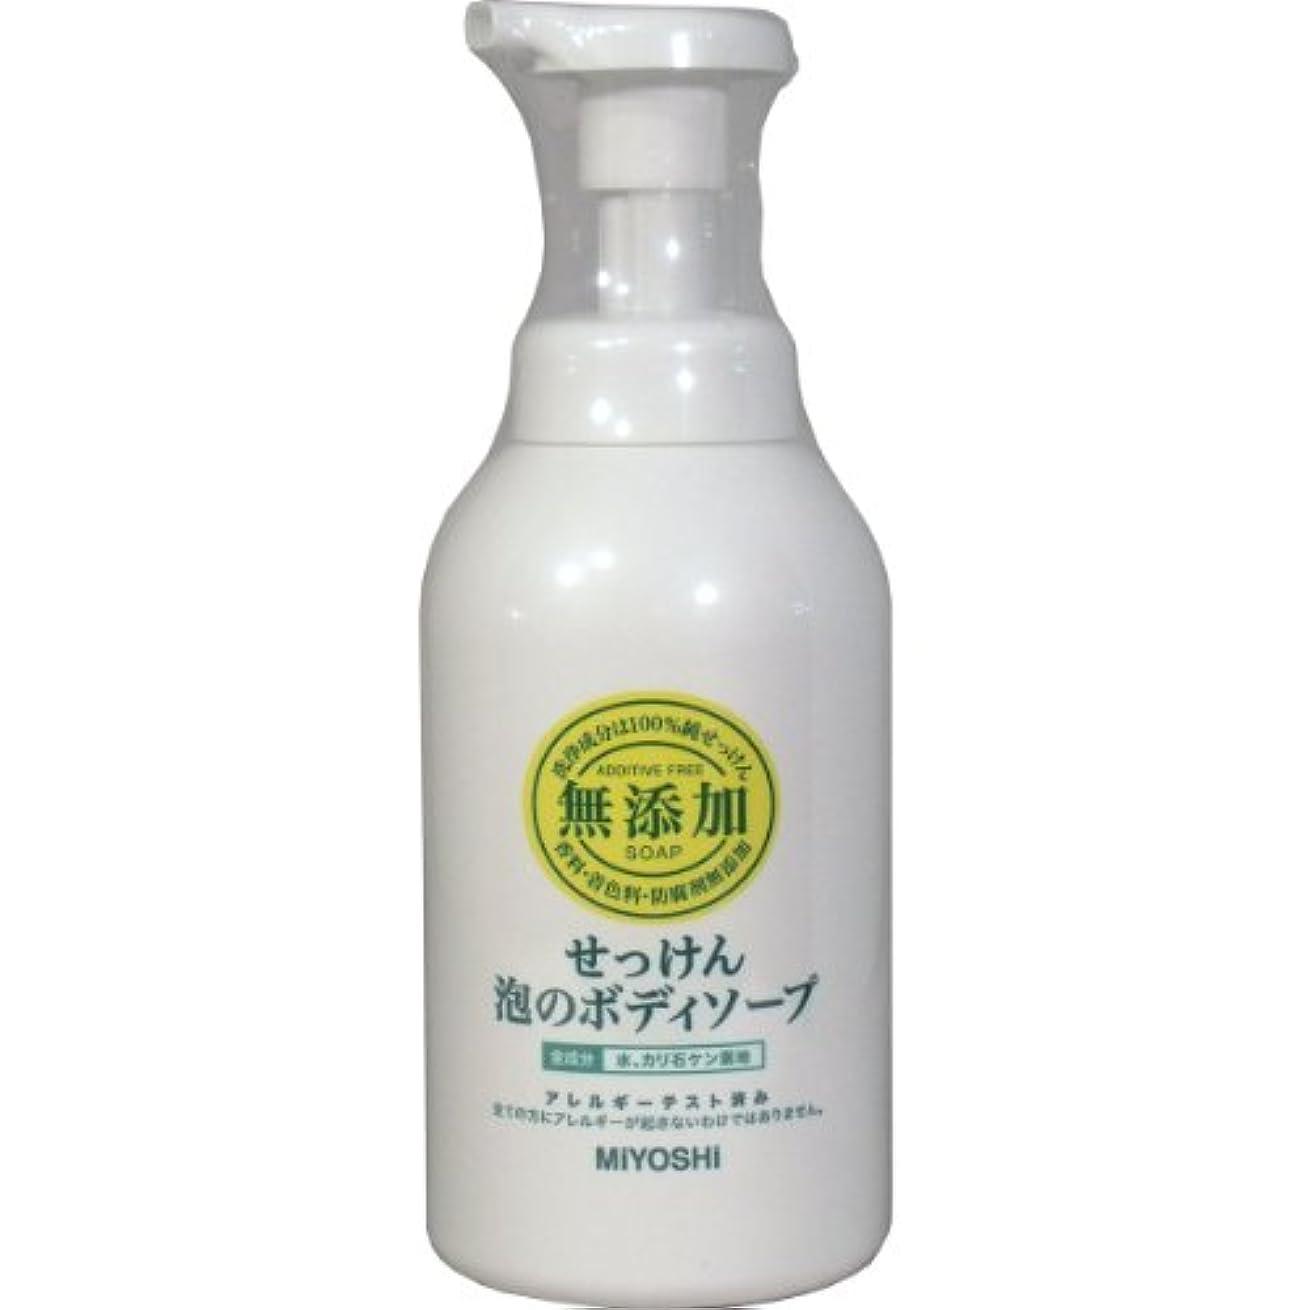 名目上のブームウェイター洗浄成分は100%純せっけん!!ミヨシ無添加シリーズは石けん成分以外に何も添加していません!ポンプ500mL